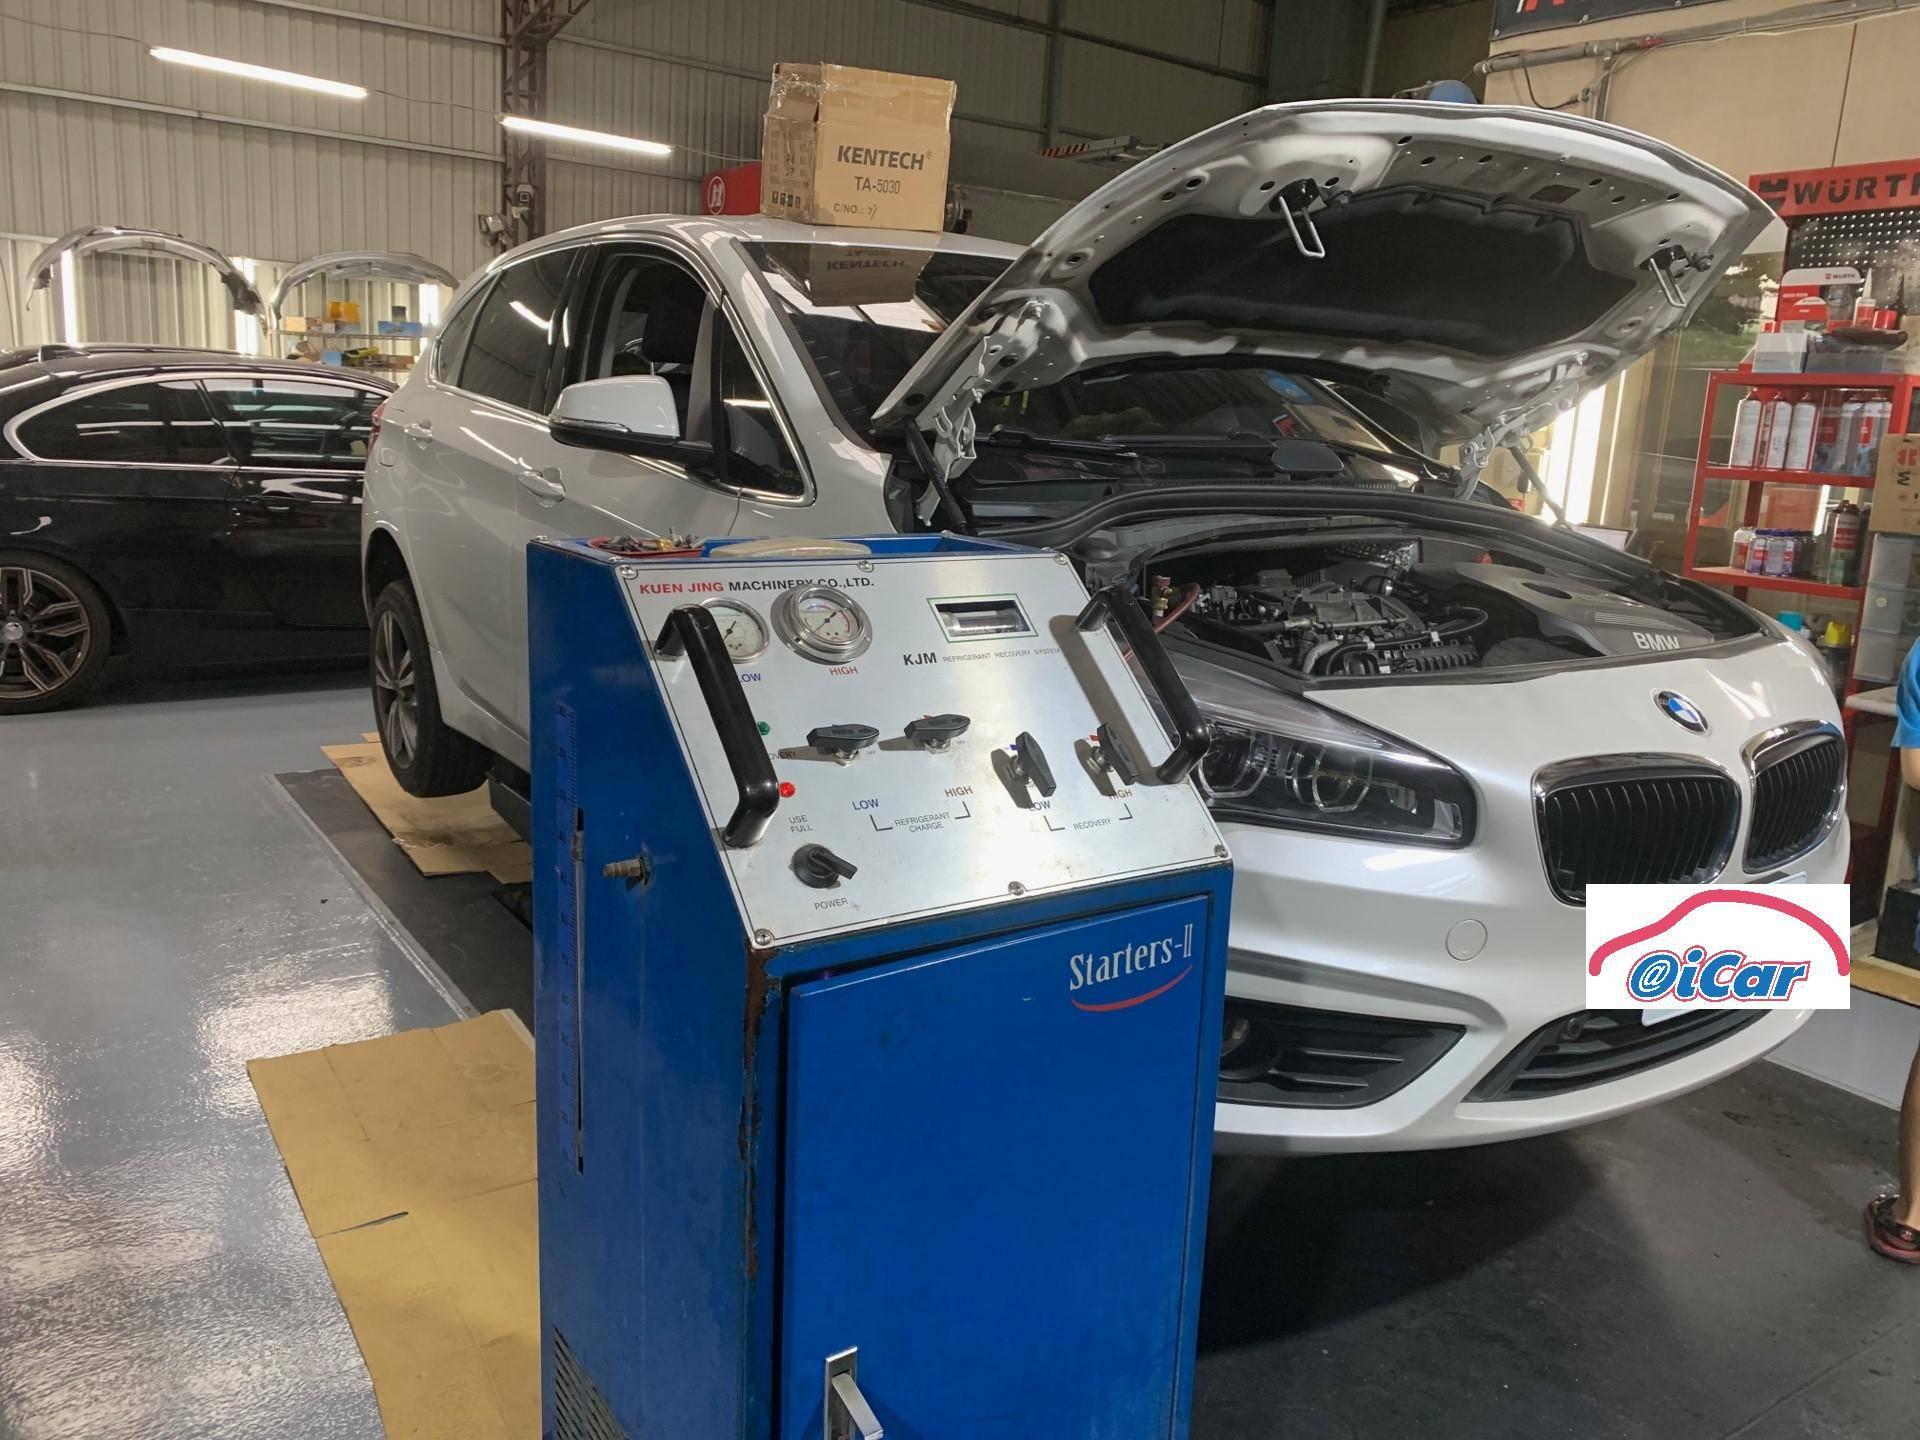 【振傑汽車】寶馬/BMW 218i 冷氣壞掉#清洗冷氣#冷氣不冷故障#冷氣壓縮機問題